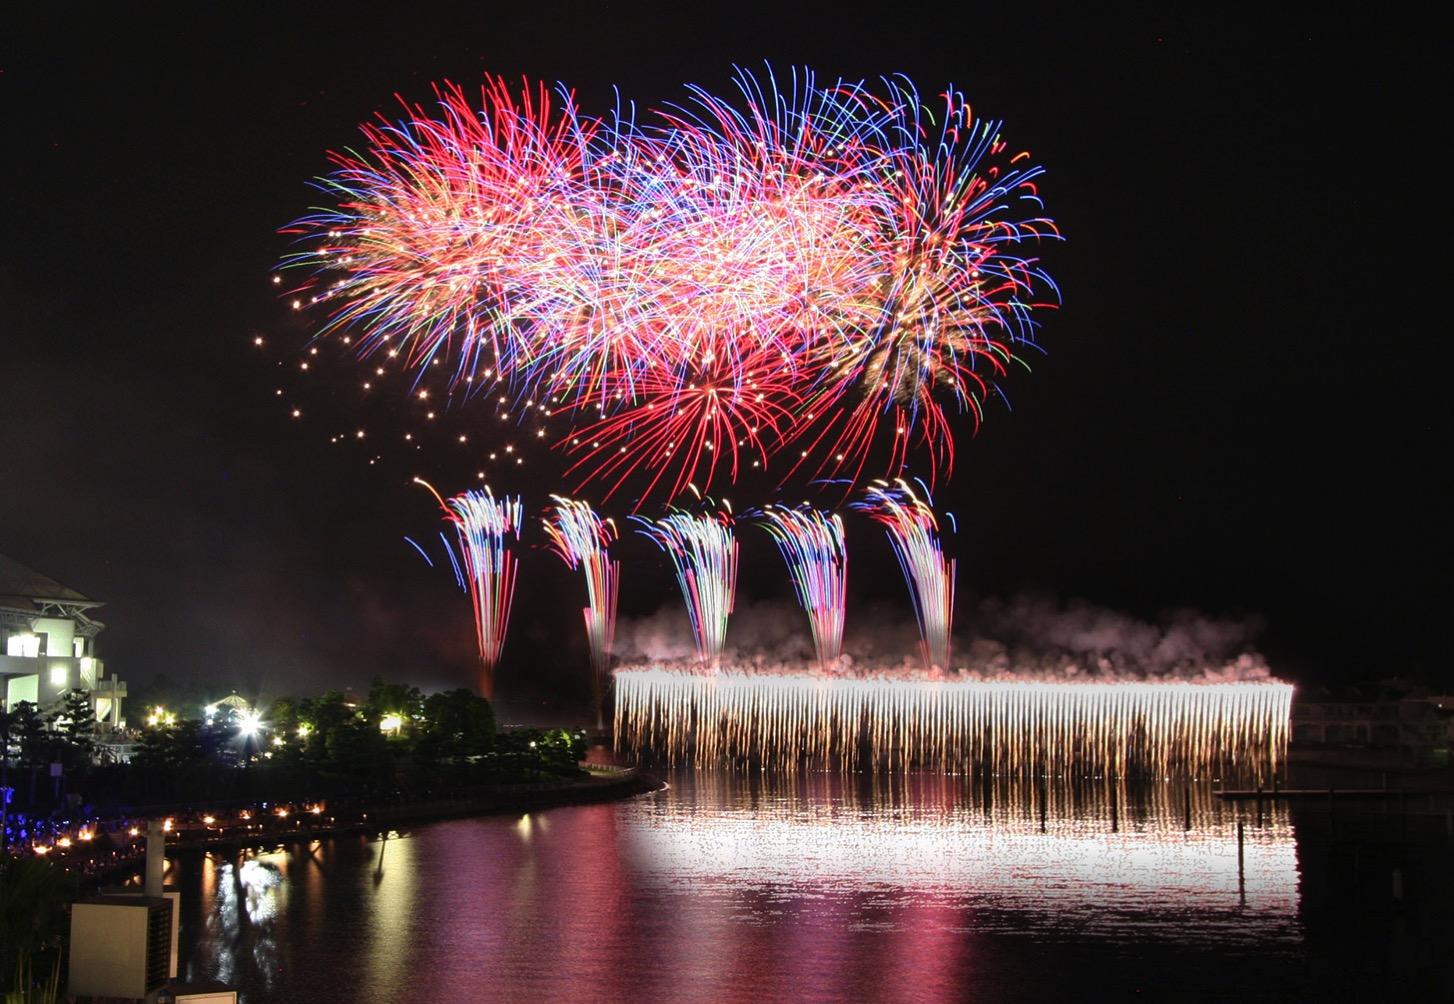 横浜・八景島シーパラダイスでクリスマスイベント多数開催!一夜限定の花火ショーも